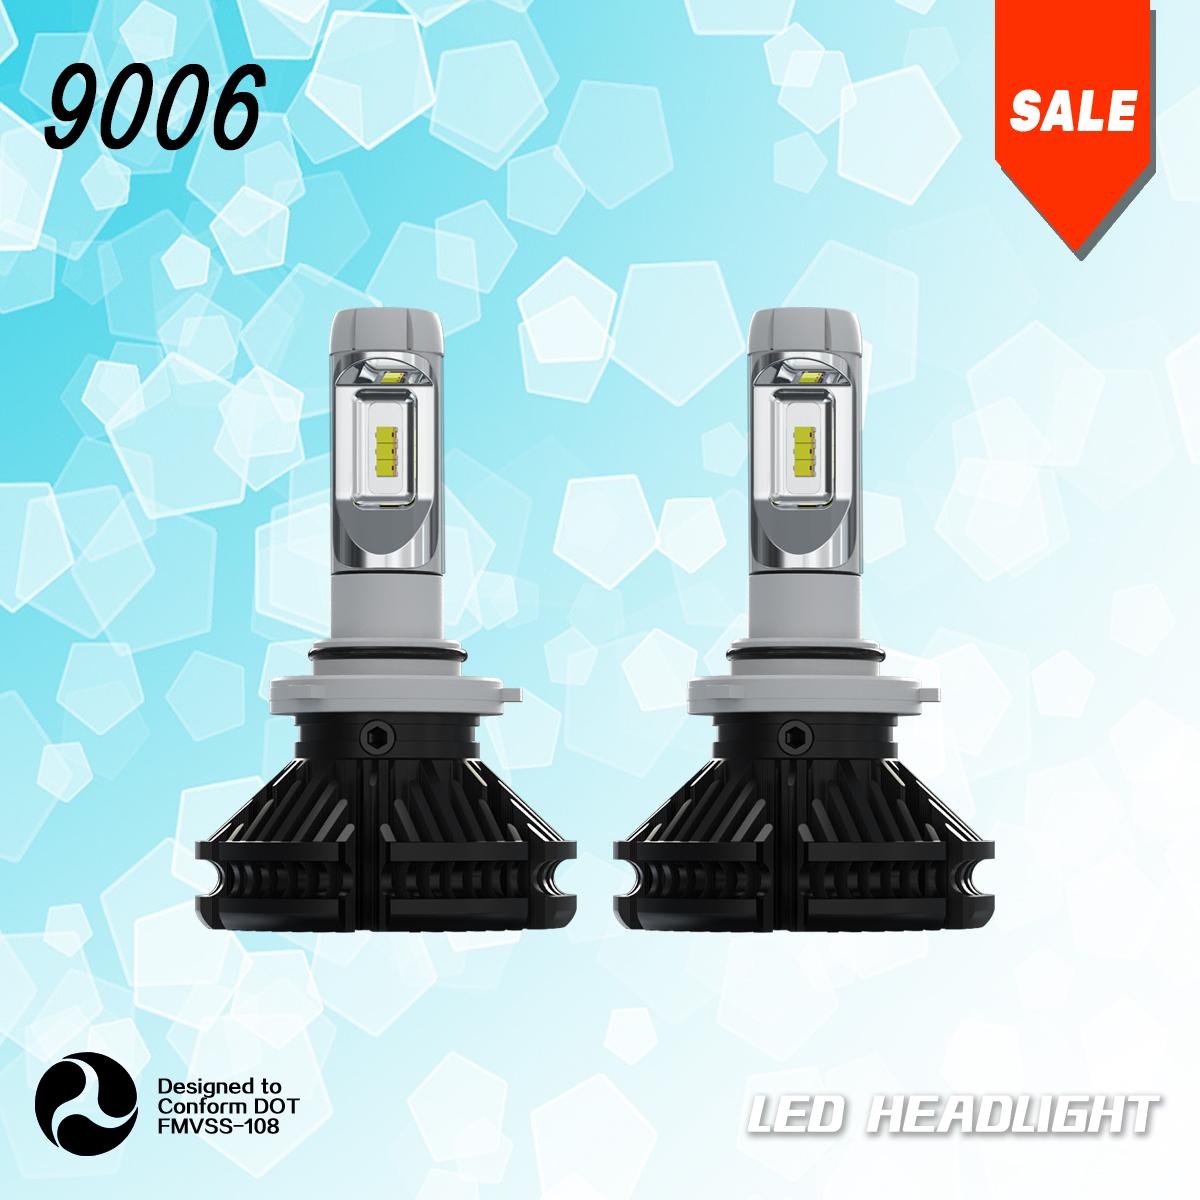 9006 HB4 LED Headlight Bulbs Conversion Kit Lamps 6000K